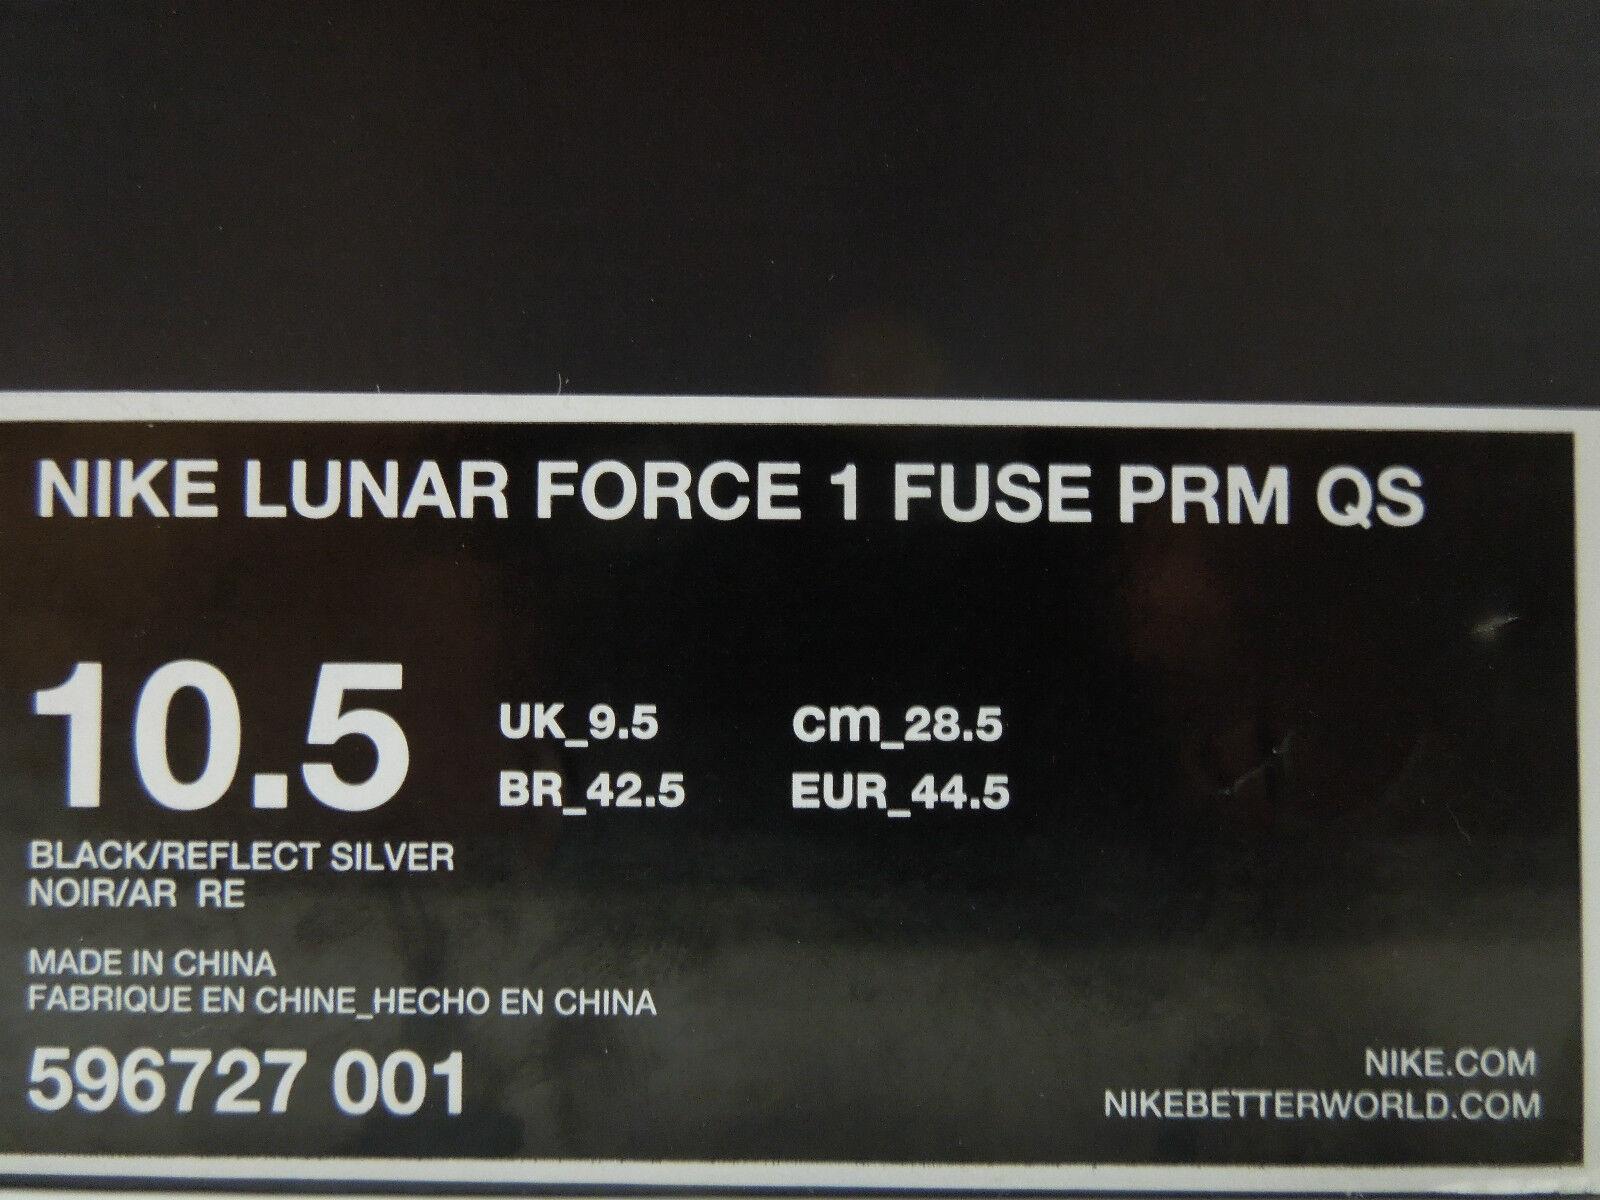 Nike lunar force 1. qs prämie prm qs 1. - bereich